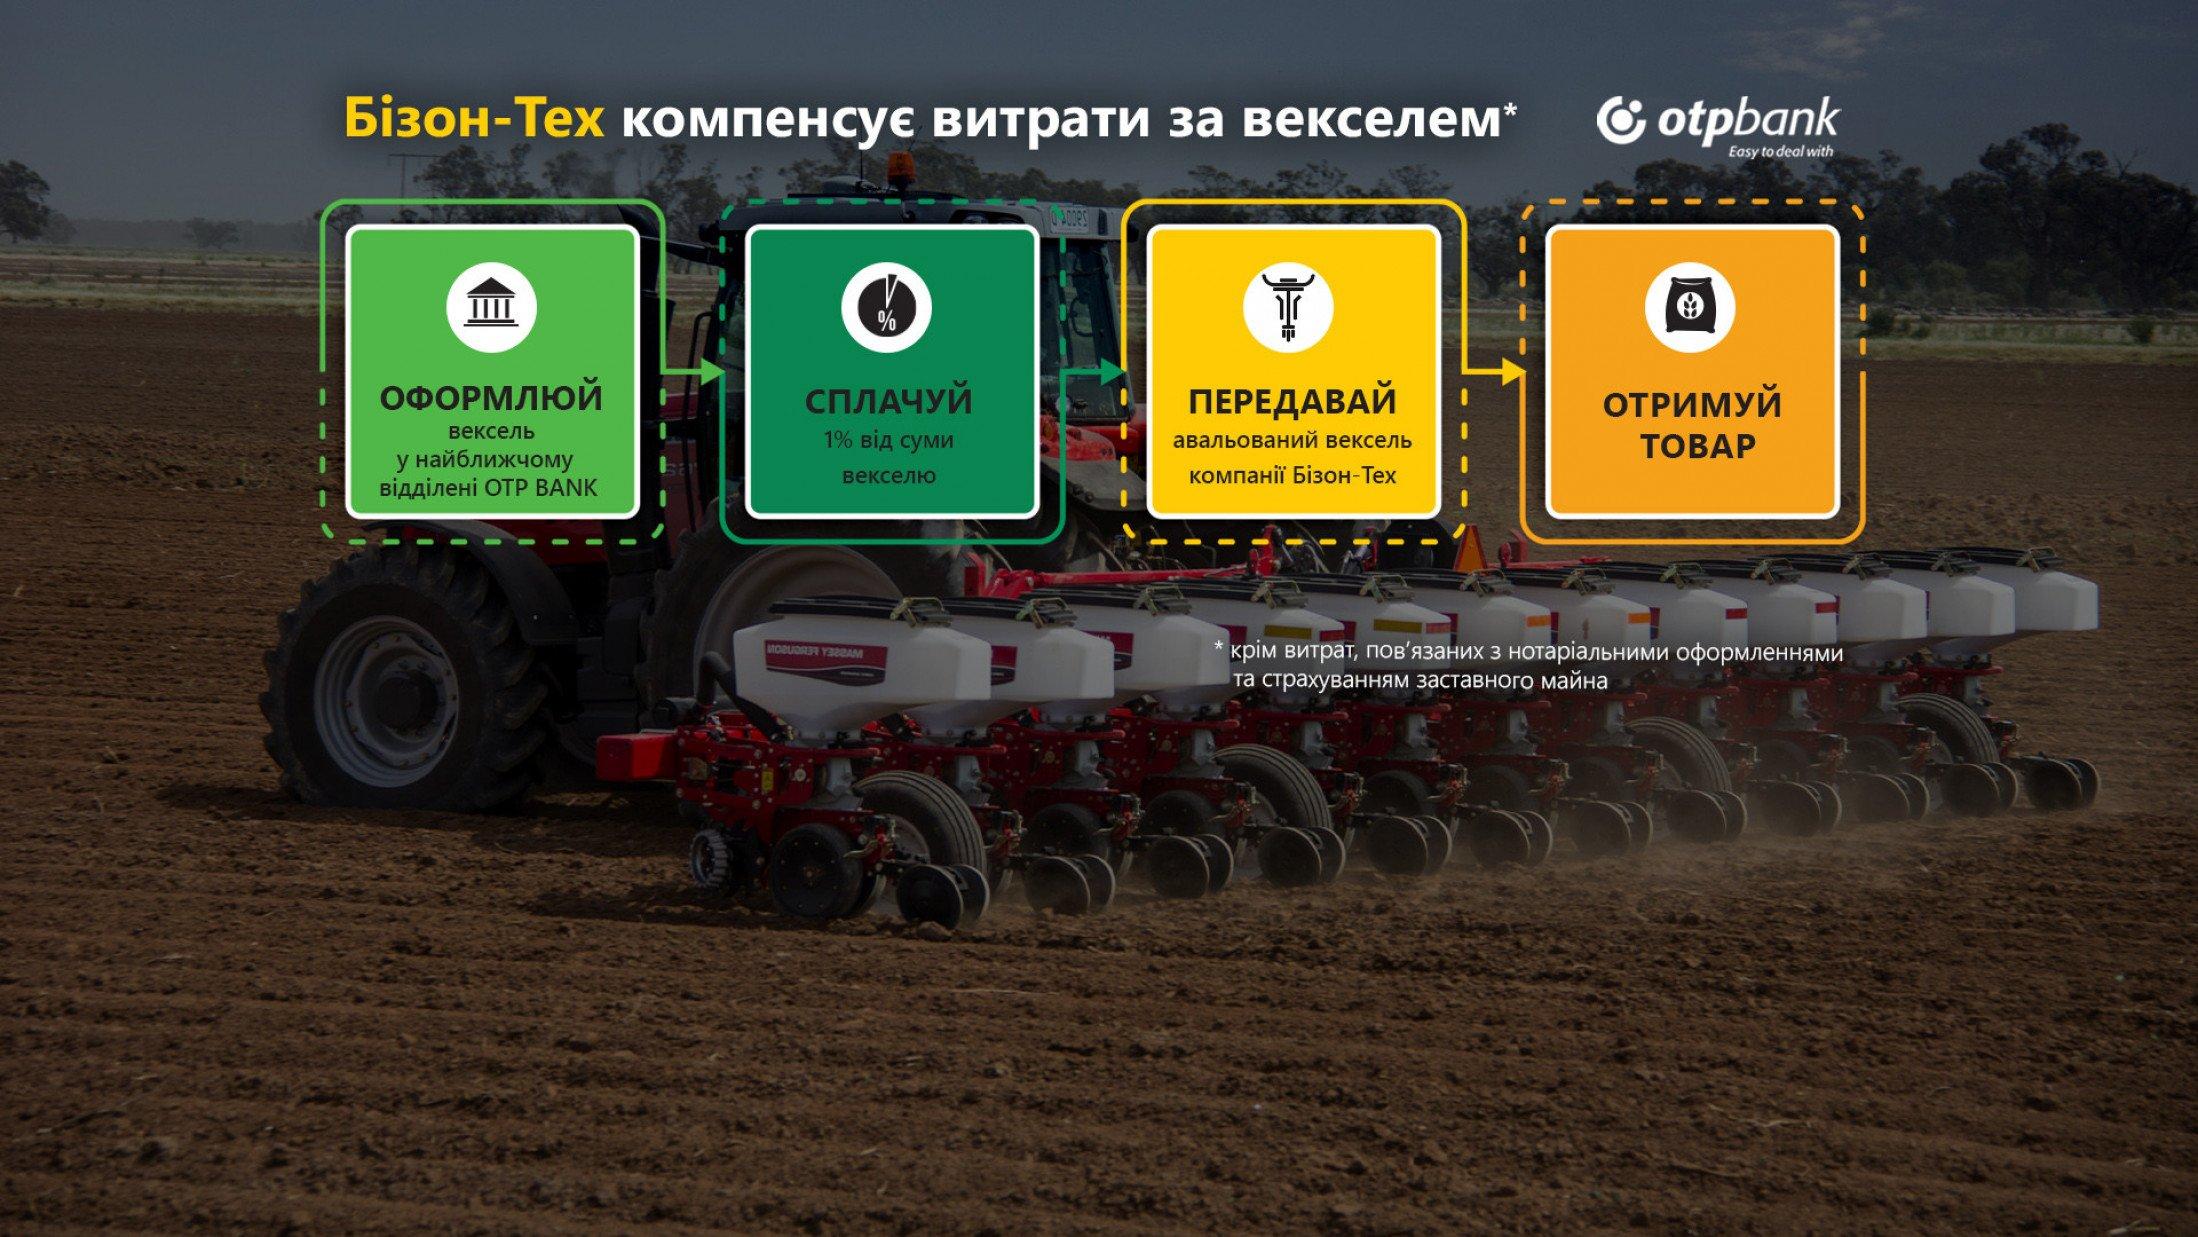 Авальовані векселі для сільгоспвиробників та фермерів від Бізон-Тех та ОТП Банк